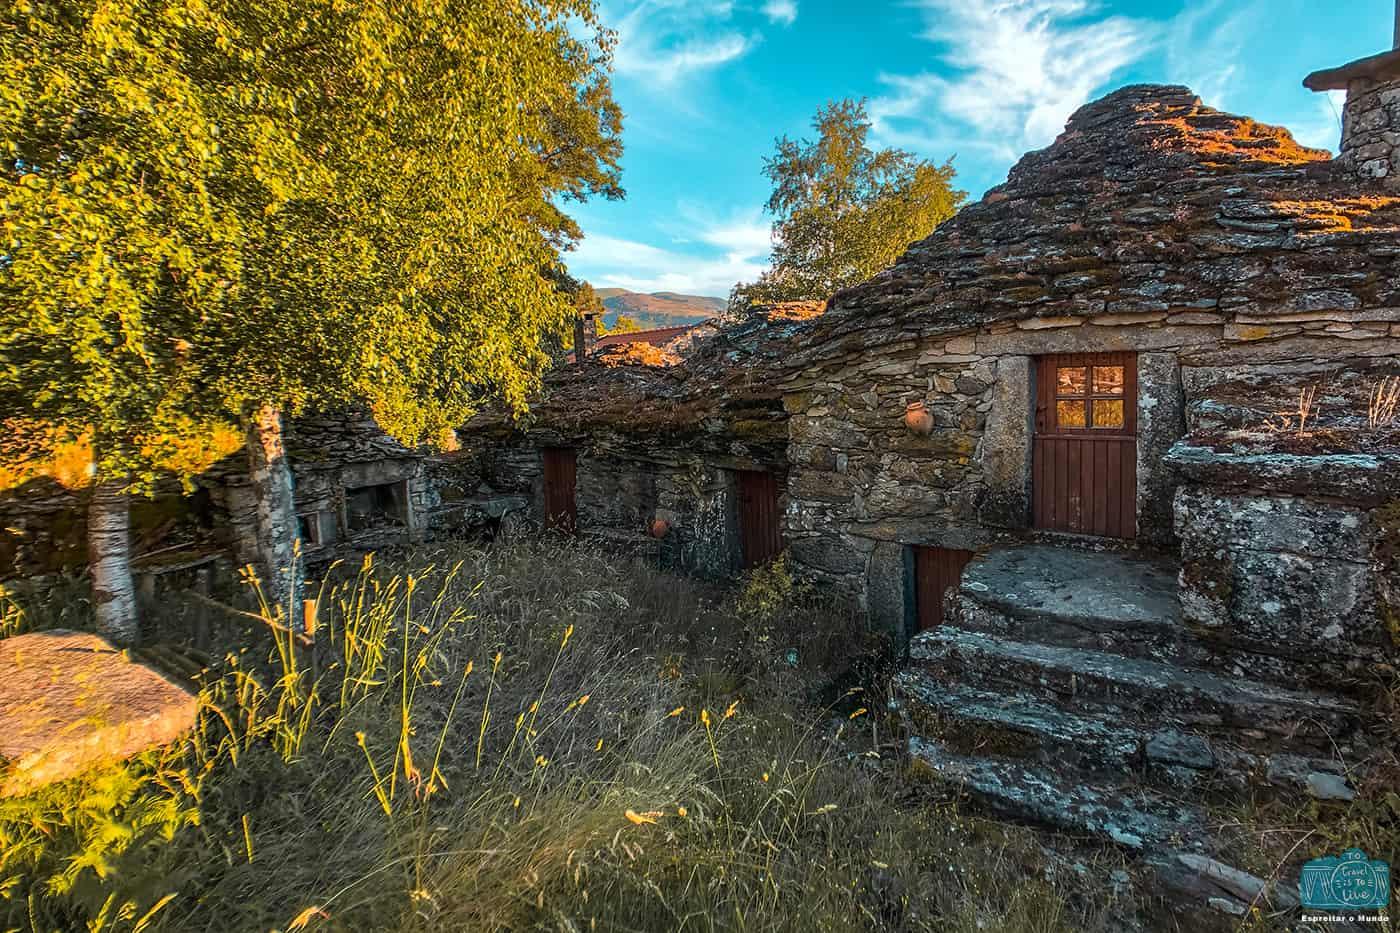 @espreitaromundo's cover photo for 'Visitar Vale de Poldros, um refúgio na serra da peneda'